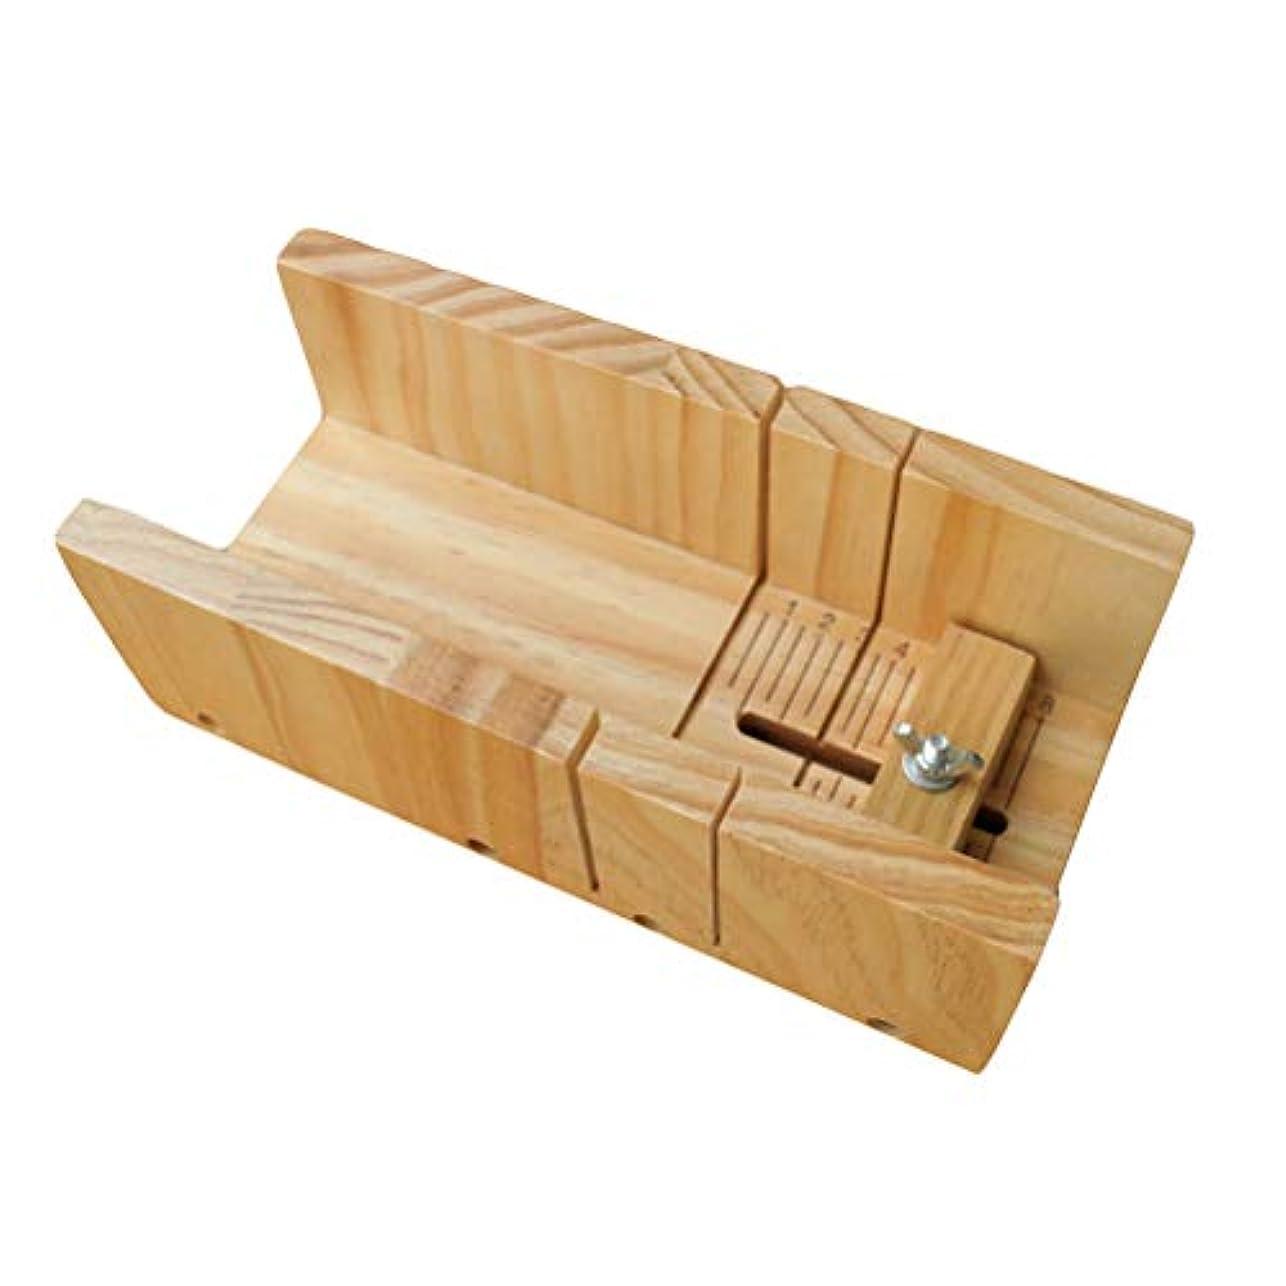 無視限定程度SUPVOX ウッドソープローフカッター金型調整可能カッター金型ボックスソープ作りツール(ウッドカラー)